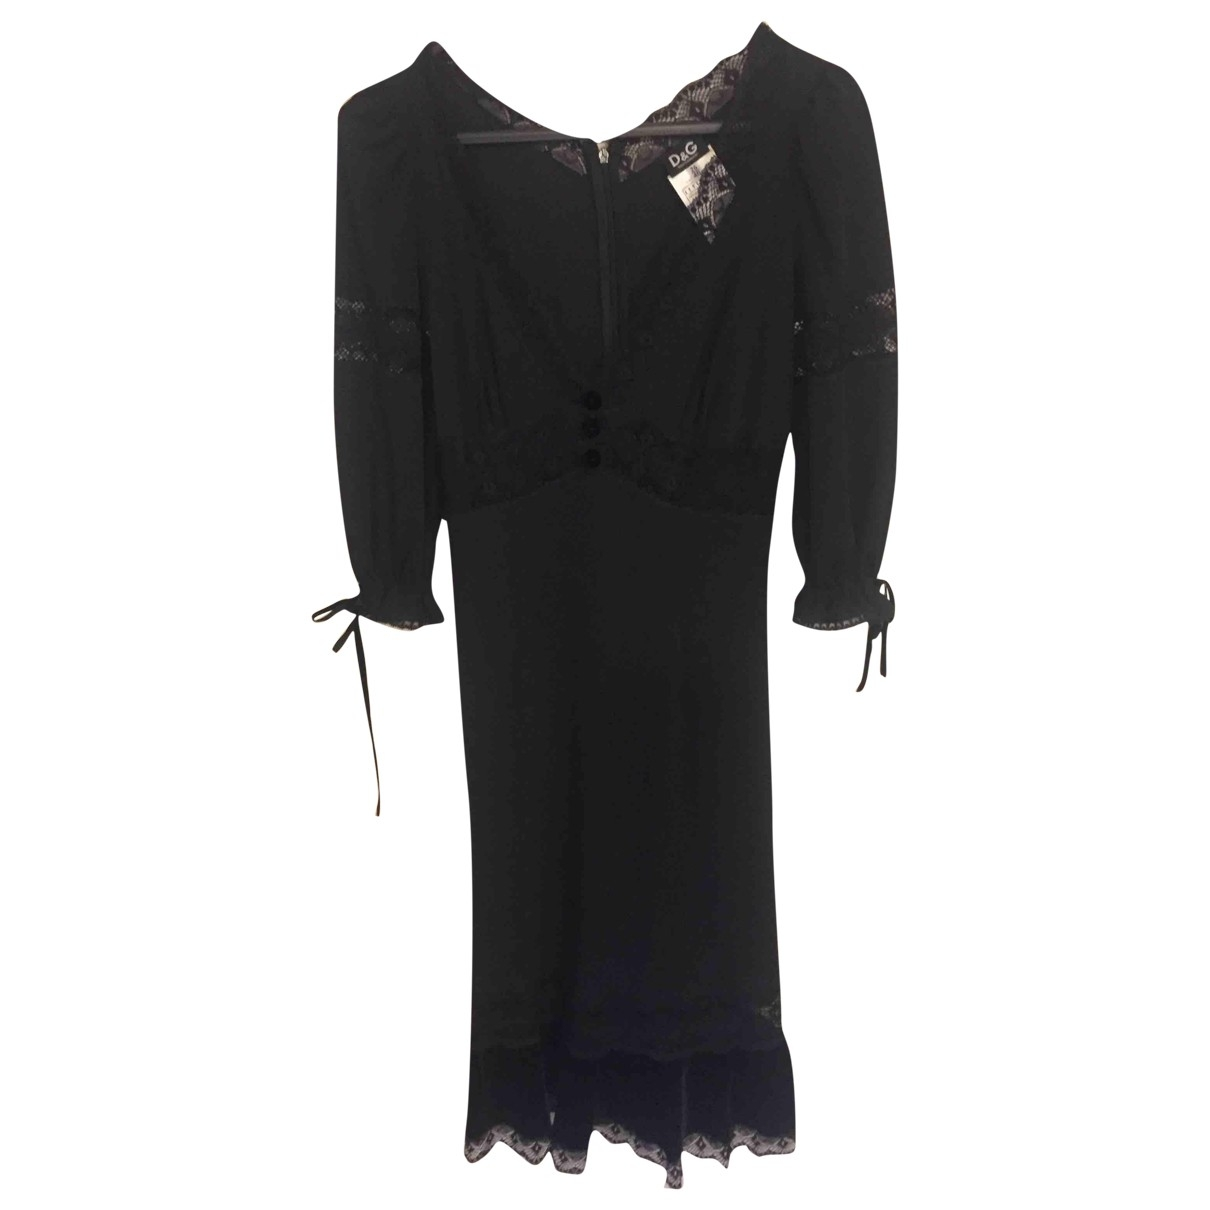 D&g \N Kleid in  Schwarz Viskose